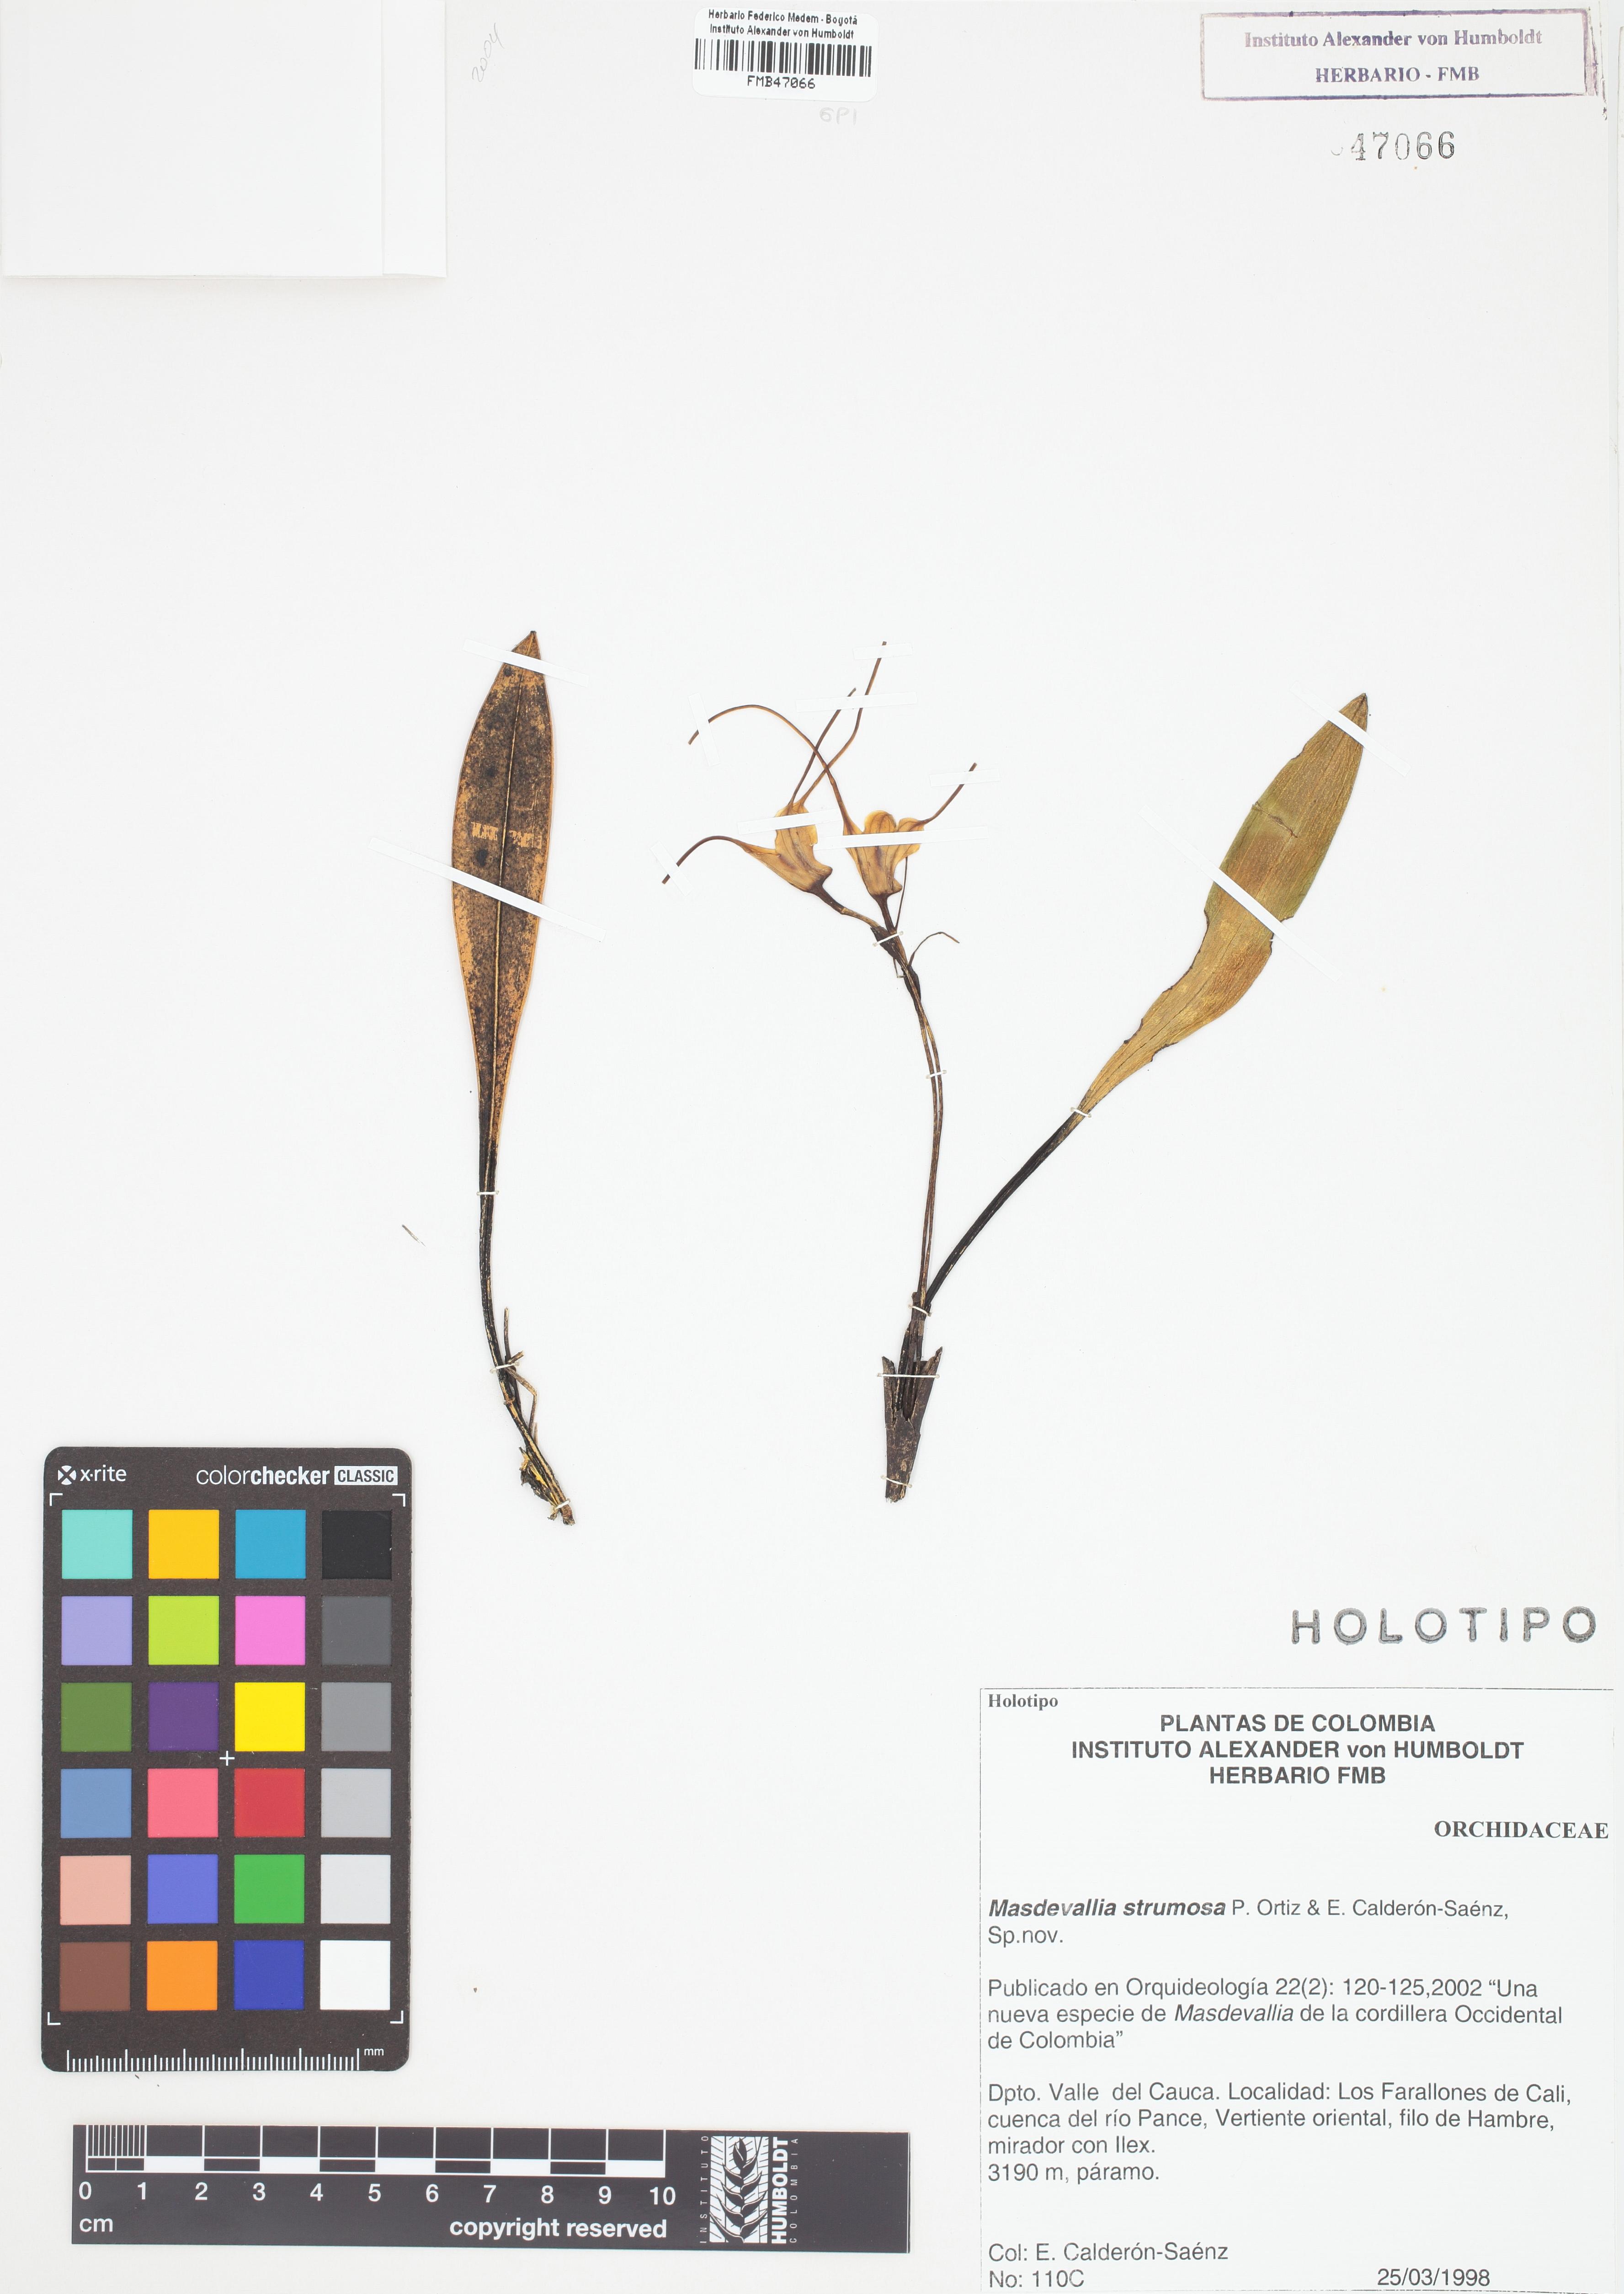 Holotipo de <em>Masdevallia strumosa</em>, FMB-47066, Fotografía por Robles A.